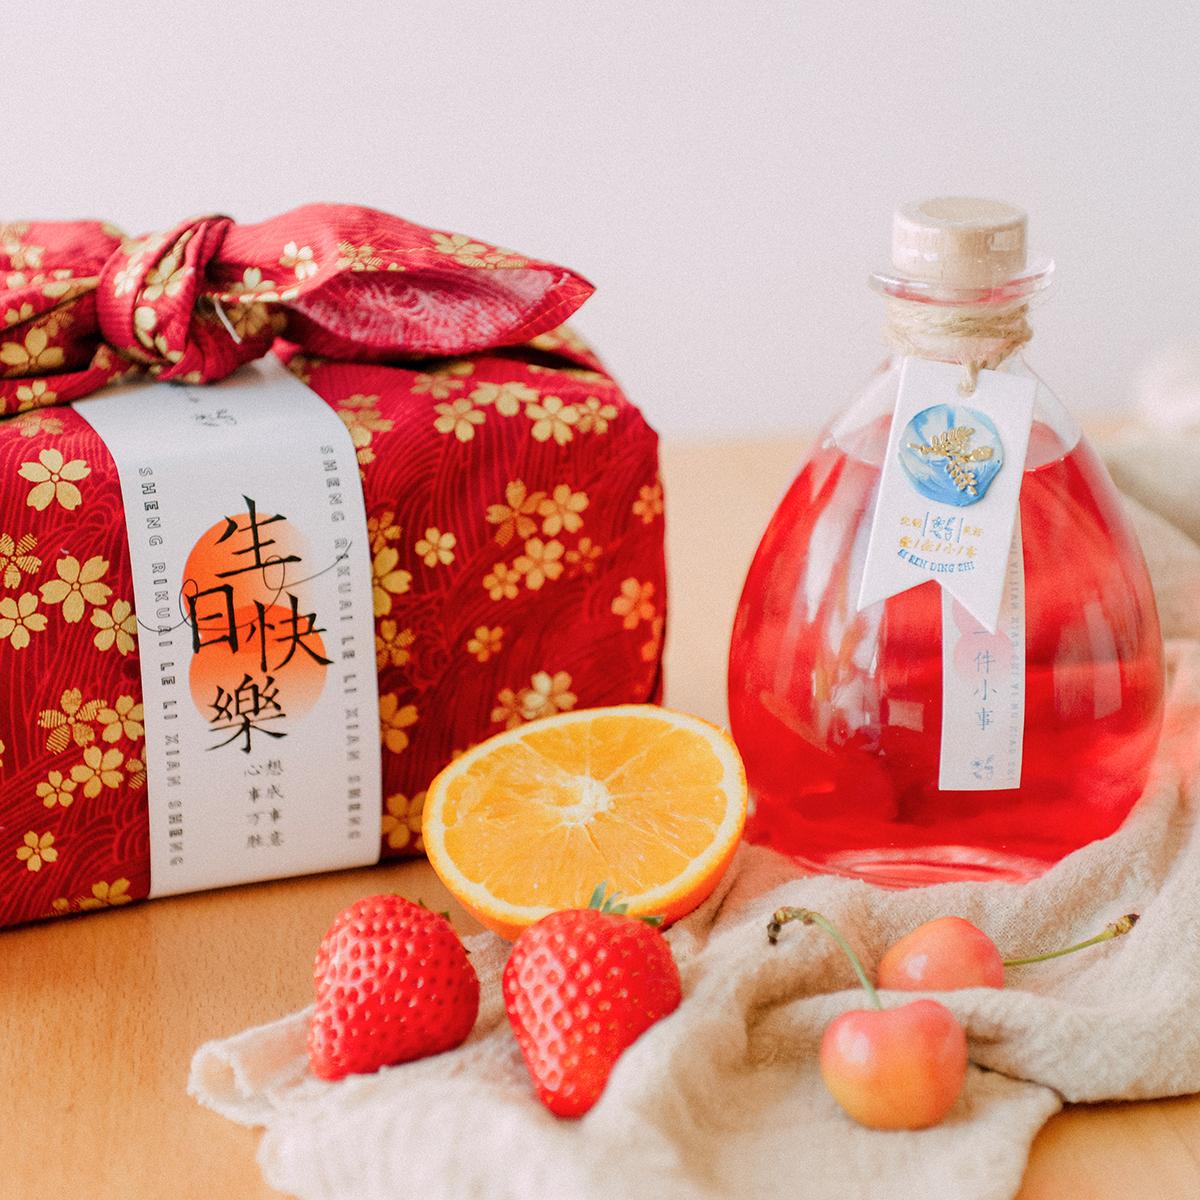 私人订制的生日礼物果酒,一壶青梅荔枝桃花高粱果酒礼盒